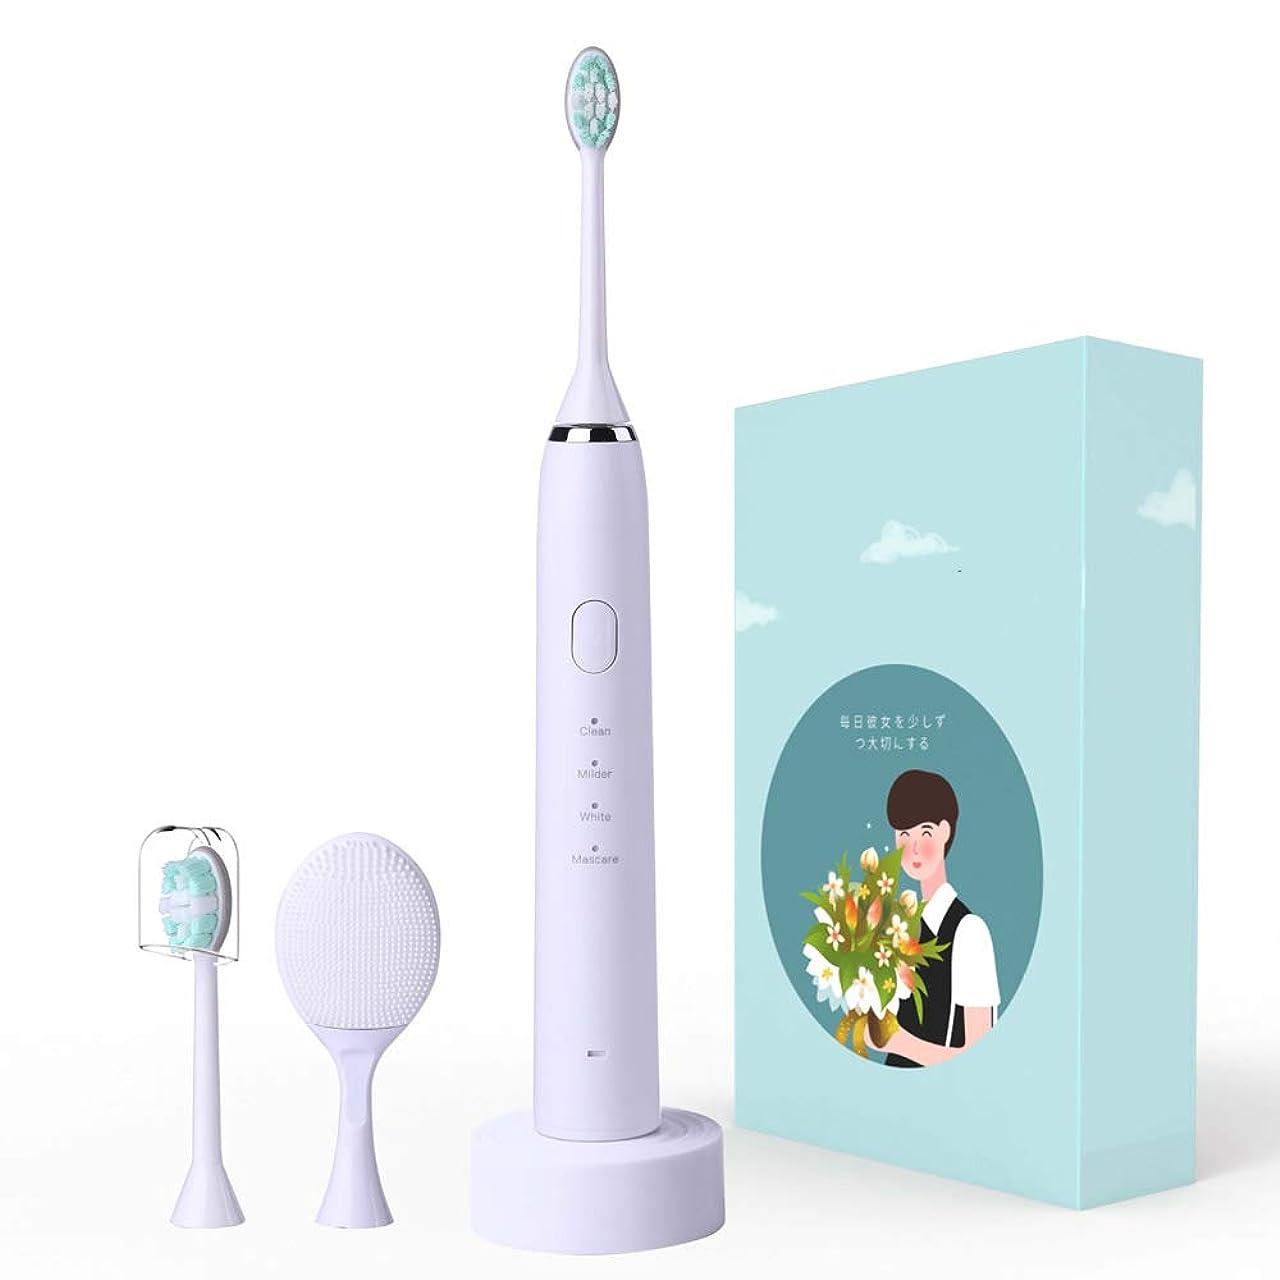 クック嫌がらせパトロール電動歯ブラシ、クレンジング2-In-1ソニック電動歯ブラシ、充電式超音波歯ブラシ、美白およびクリーニング装置